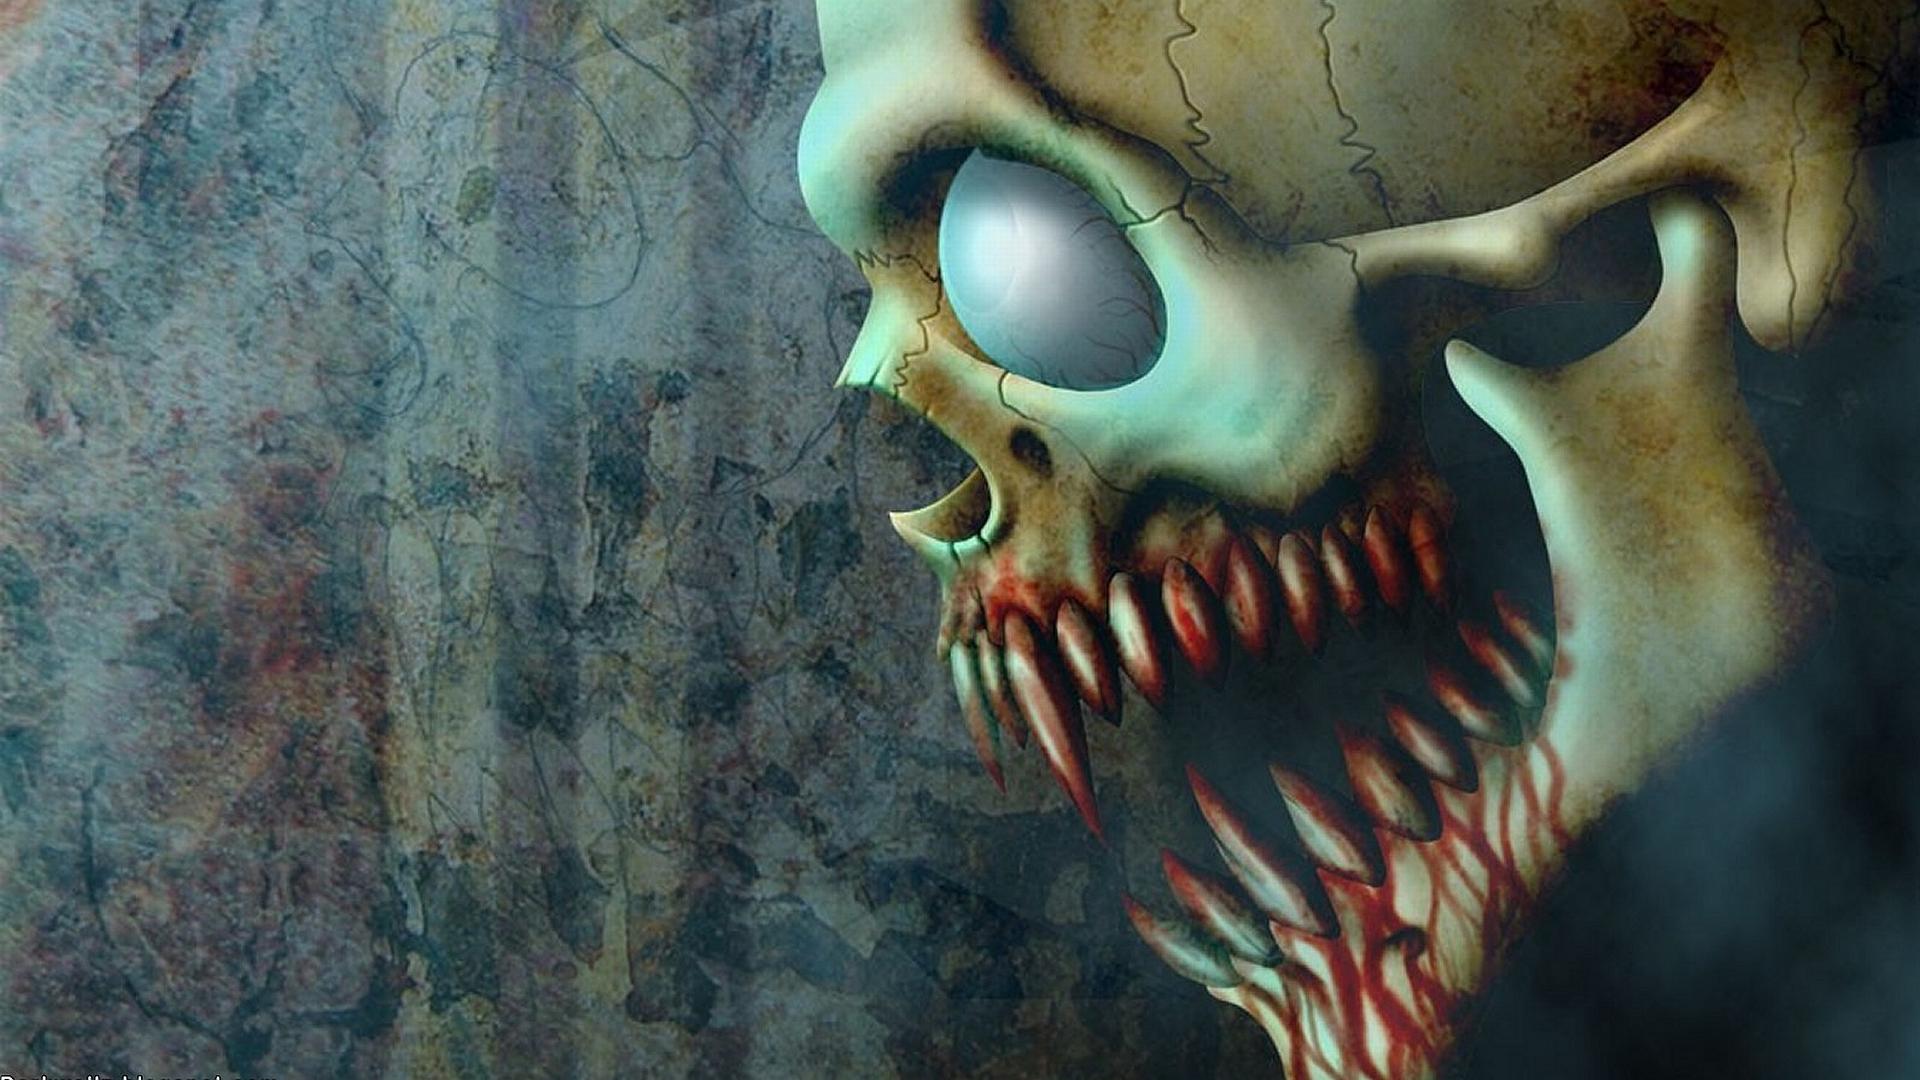 Skull Computer Wallpapers Desktop Backgrounds 1920x1080 ID163214 1920x1080